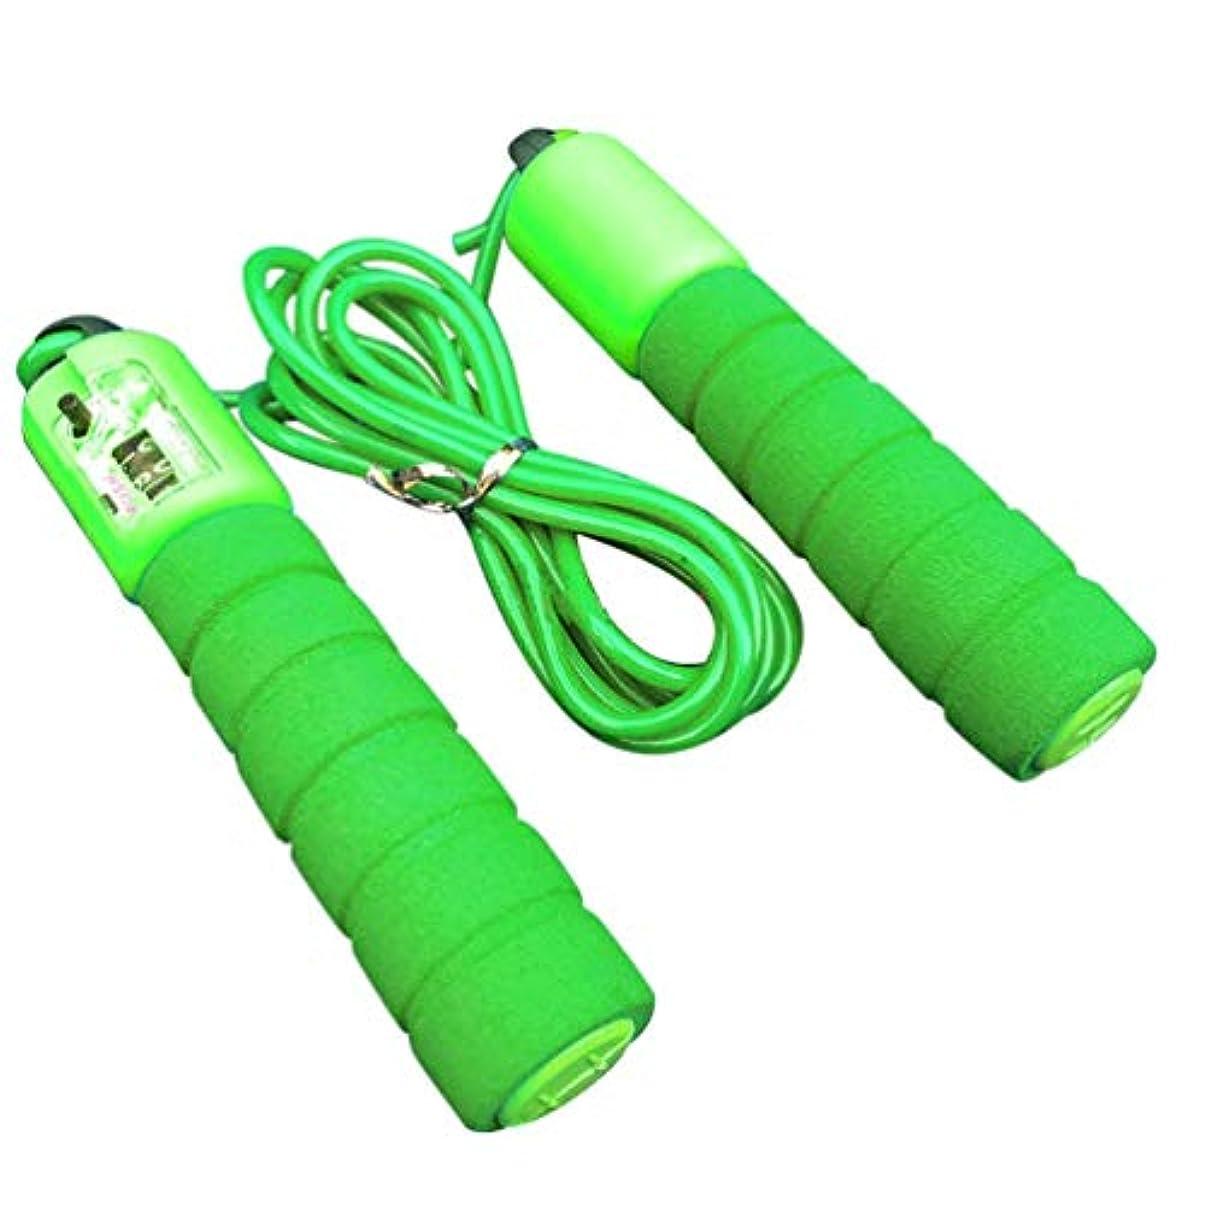 アピール黄ばむサリー調節可能なプロフェッショナルカウント縄跳び自動カウントジャンプロープフィットネス運動高速カウントジャンプロープ - グリーン